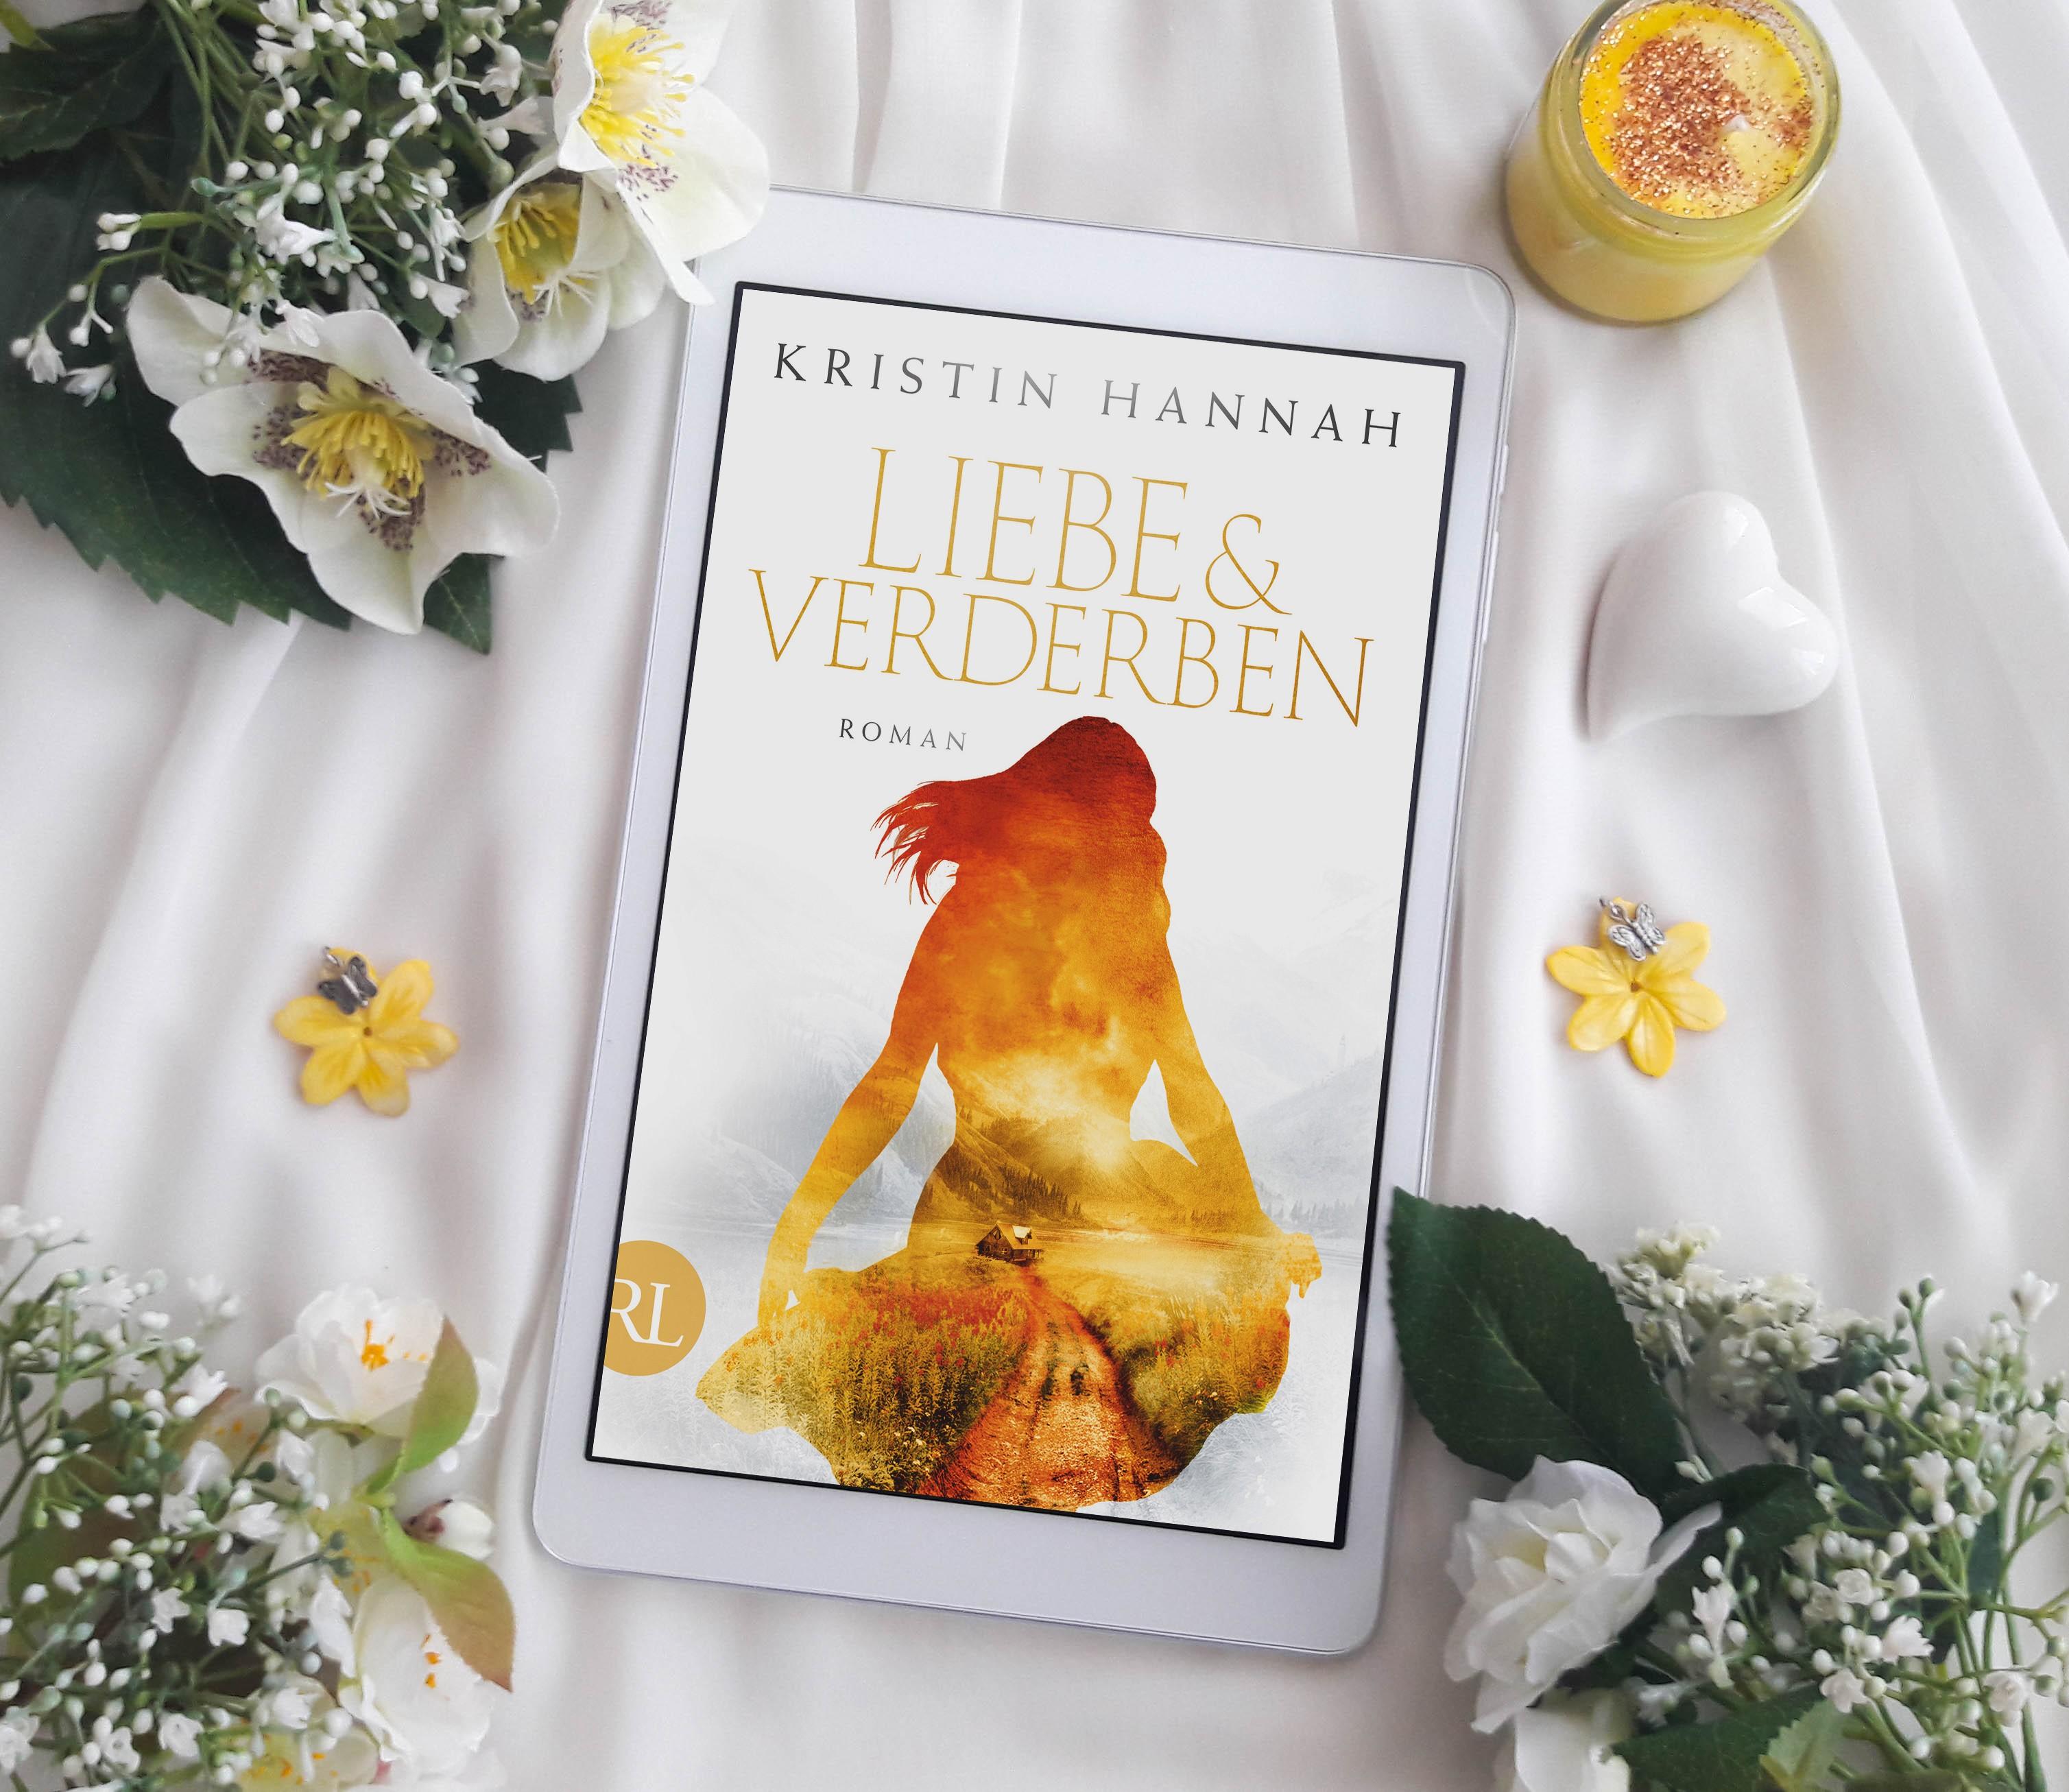 Liebe und Verderben – Kristin Hannah graphic